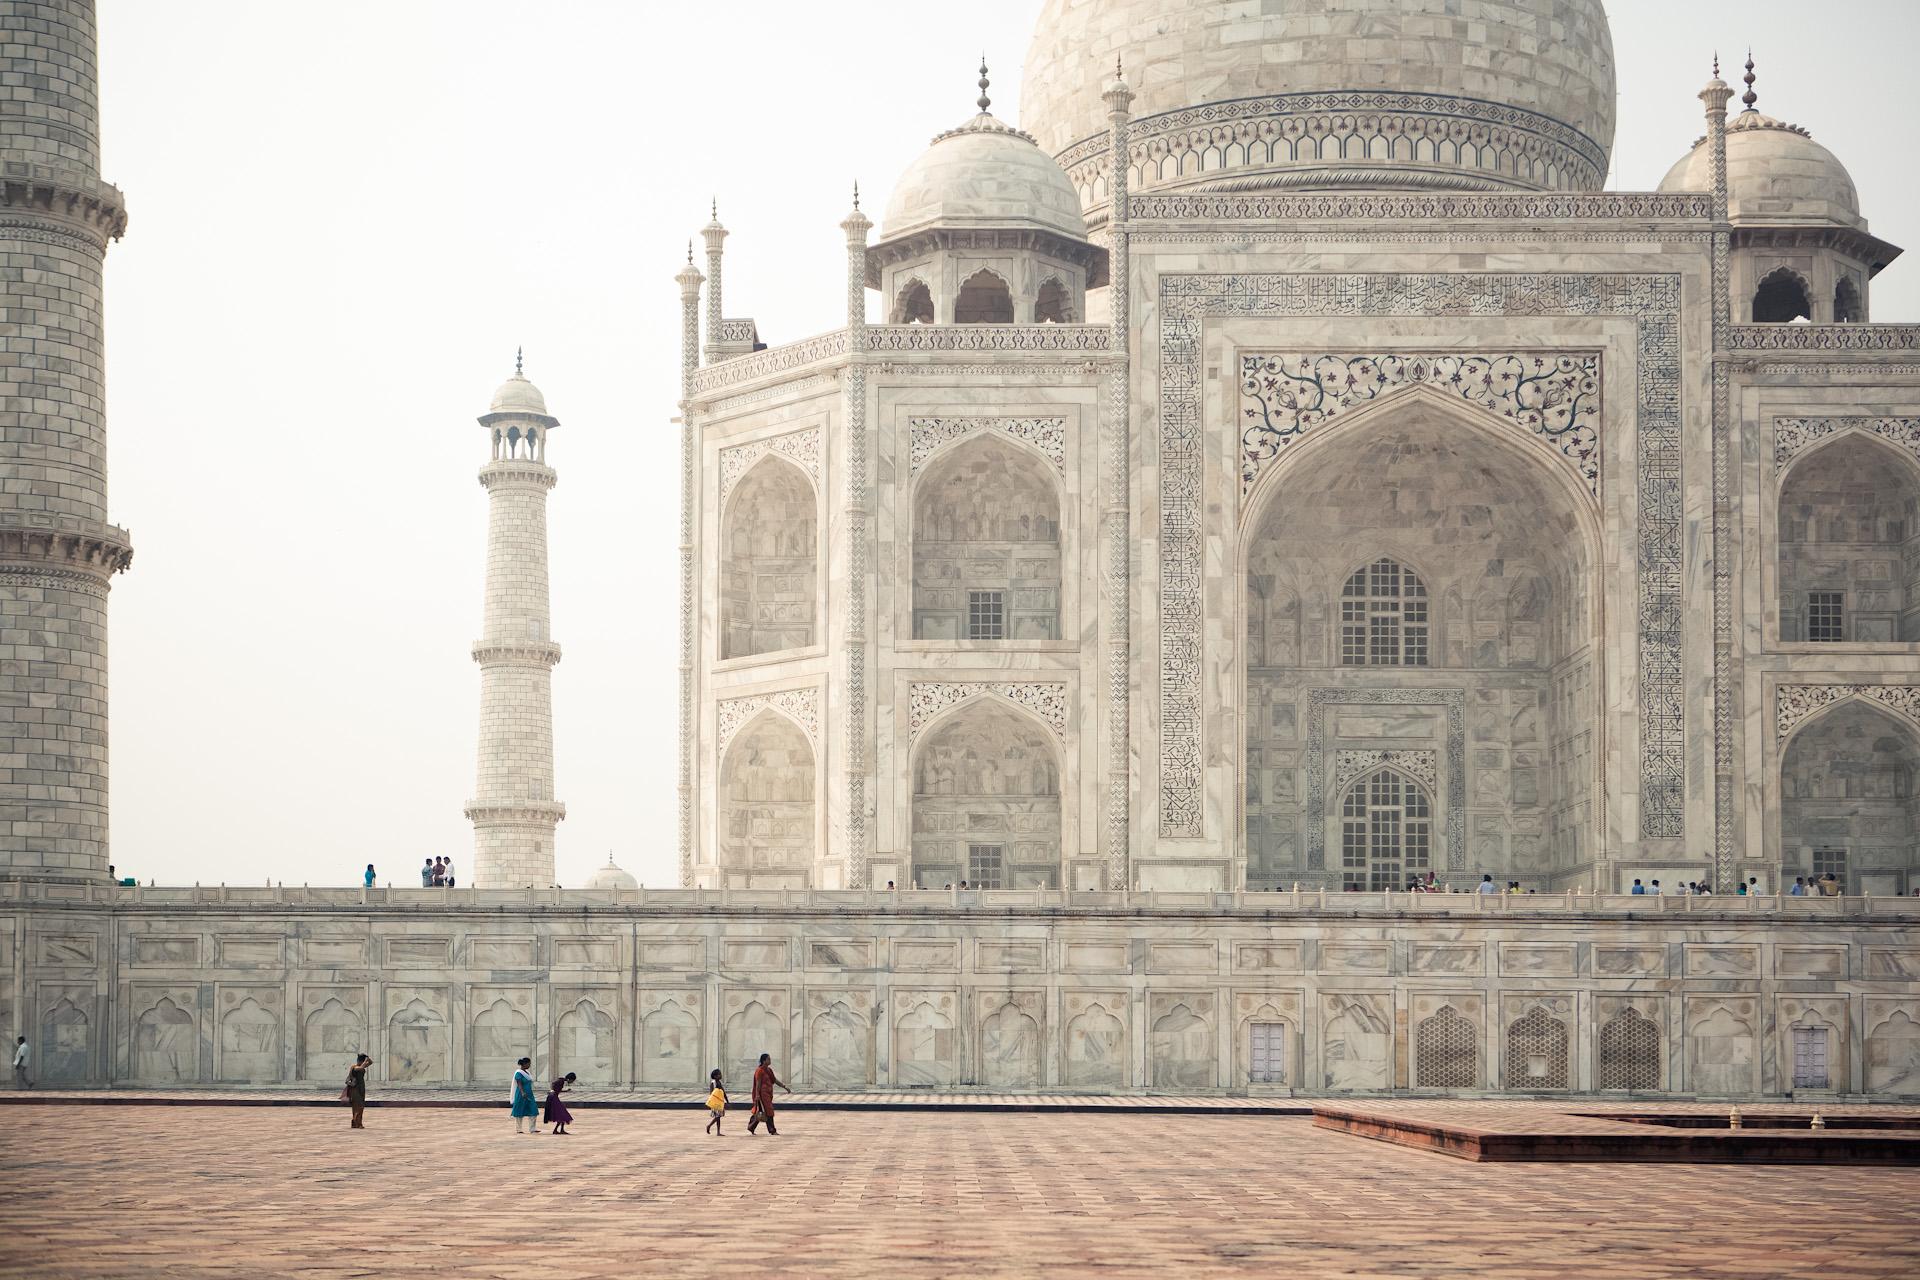 India-Travel-Agra-Taj-Mahal-Jason-Bax_1.JPG